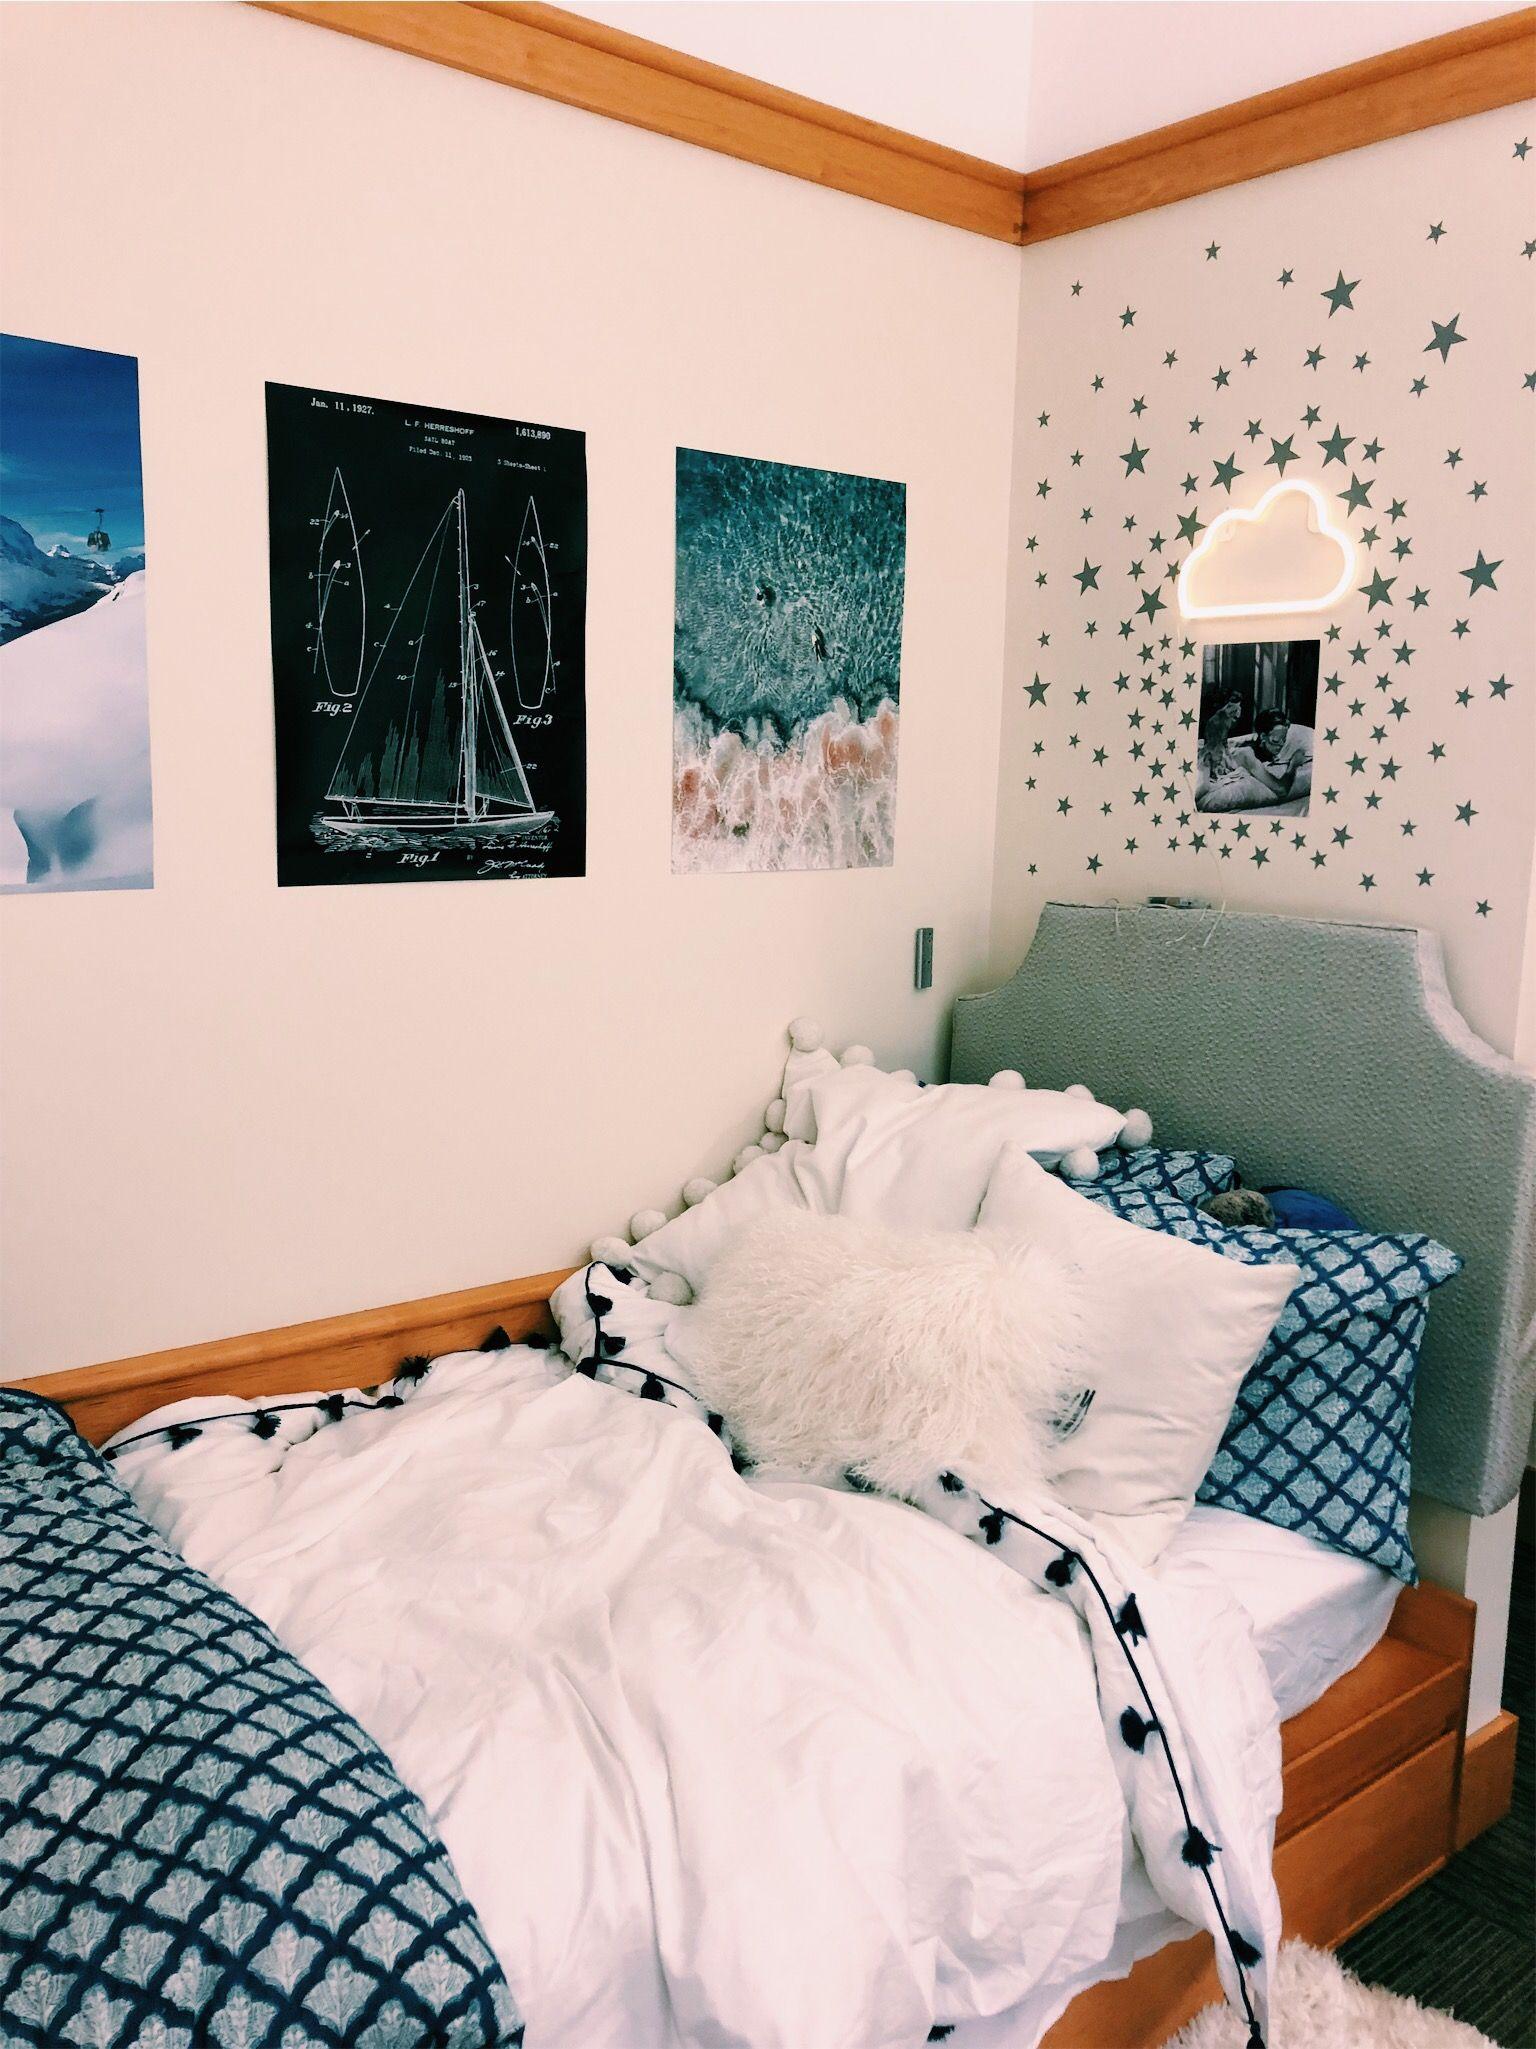 Dream Dorm Room: Dorm Room Inspiration, Dorm Room